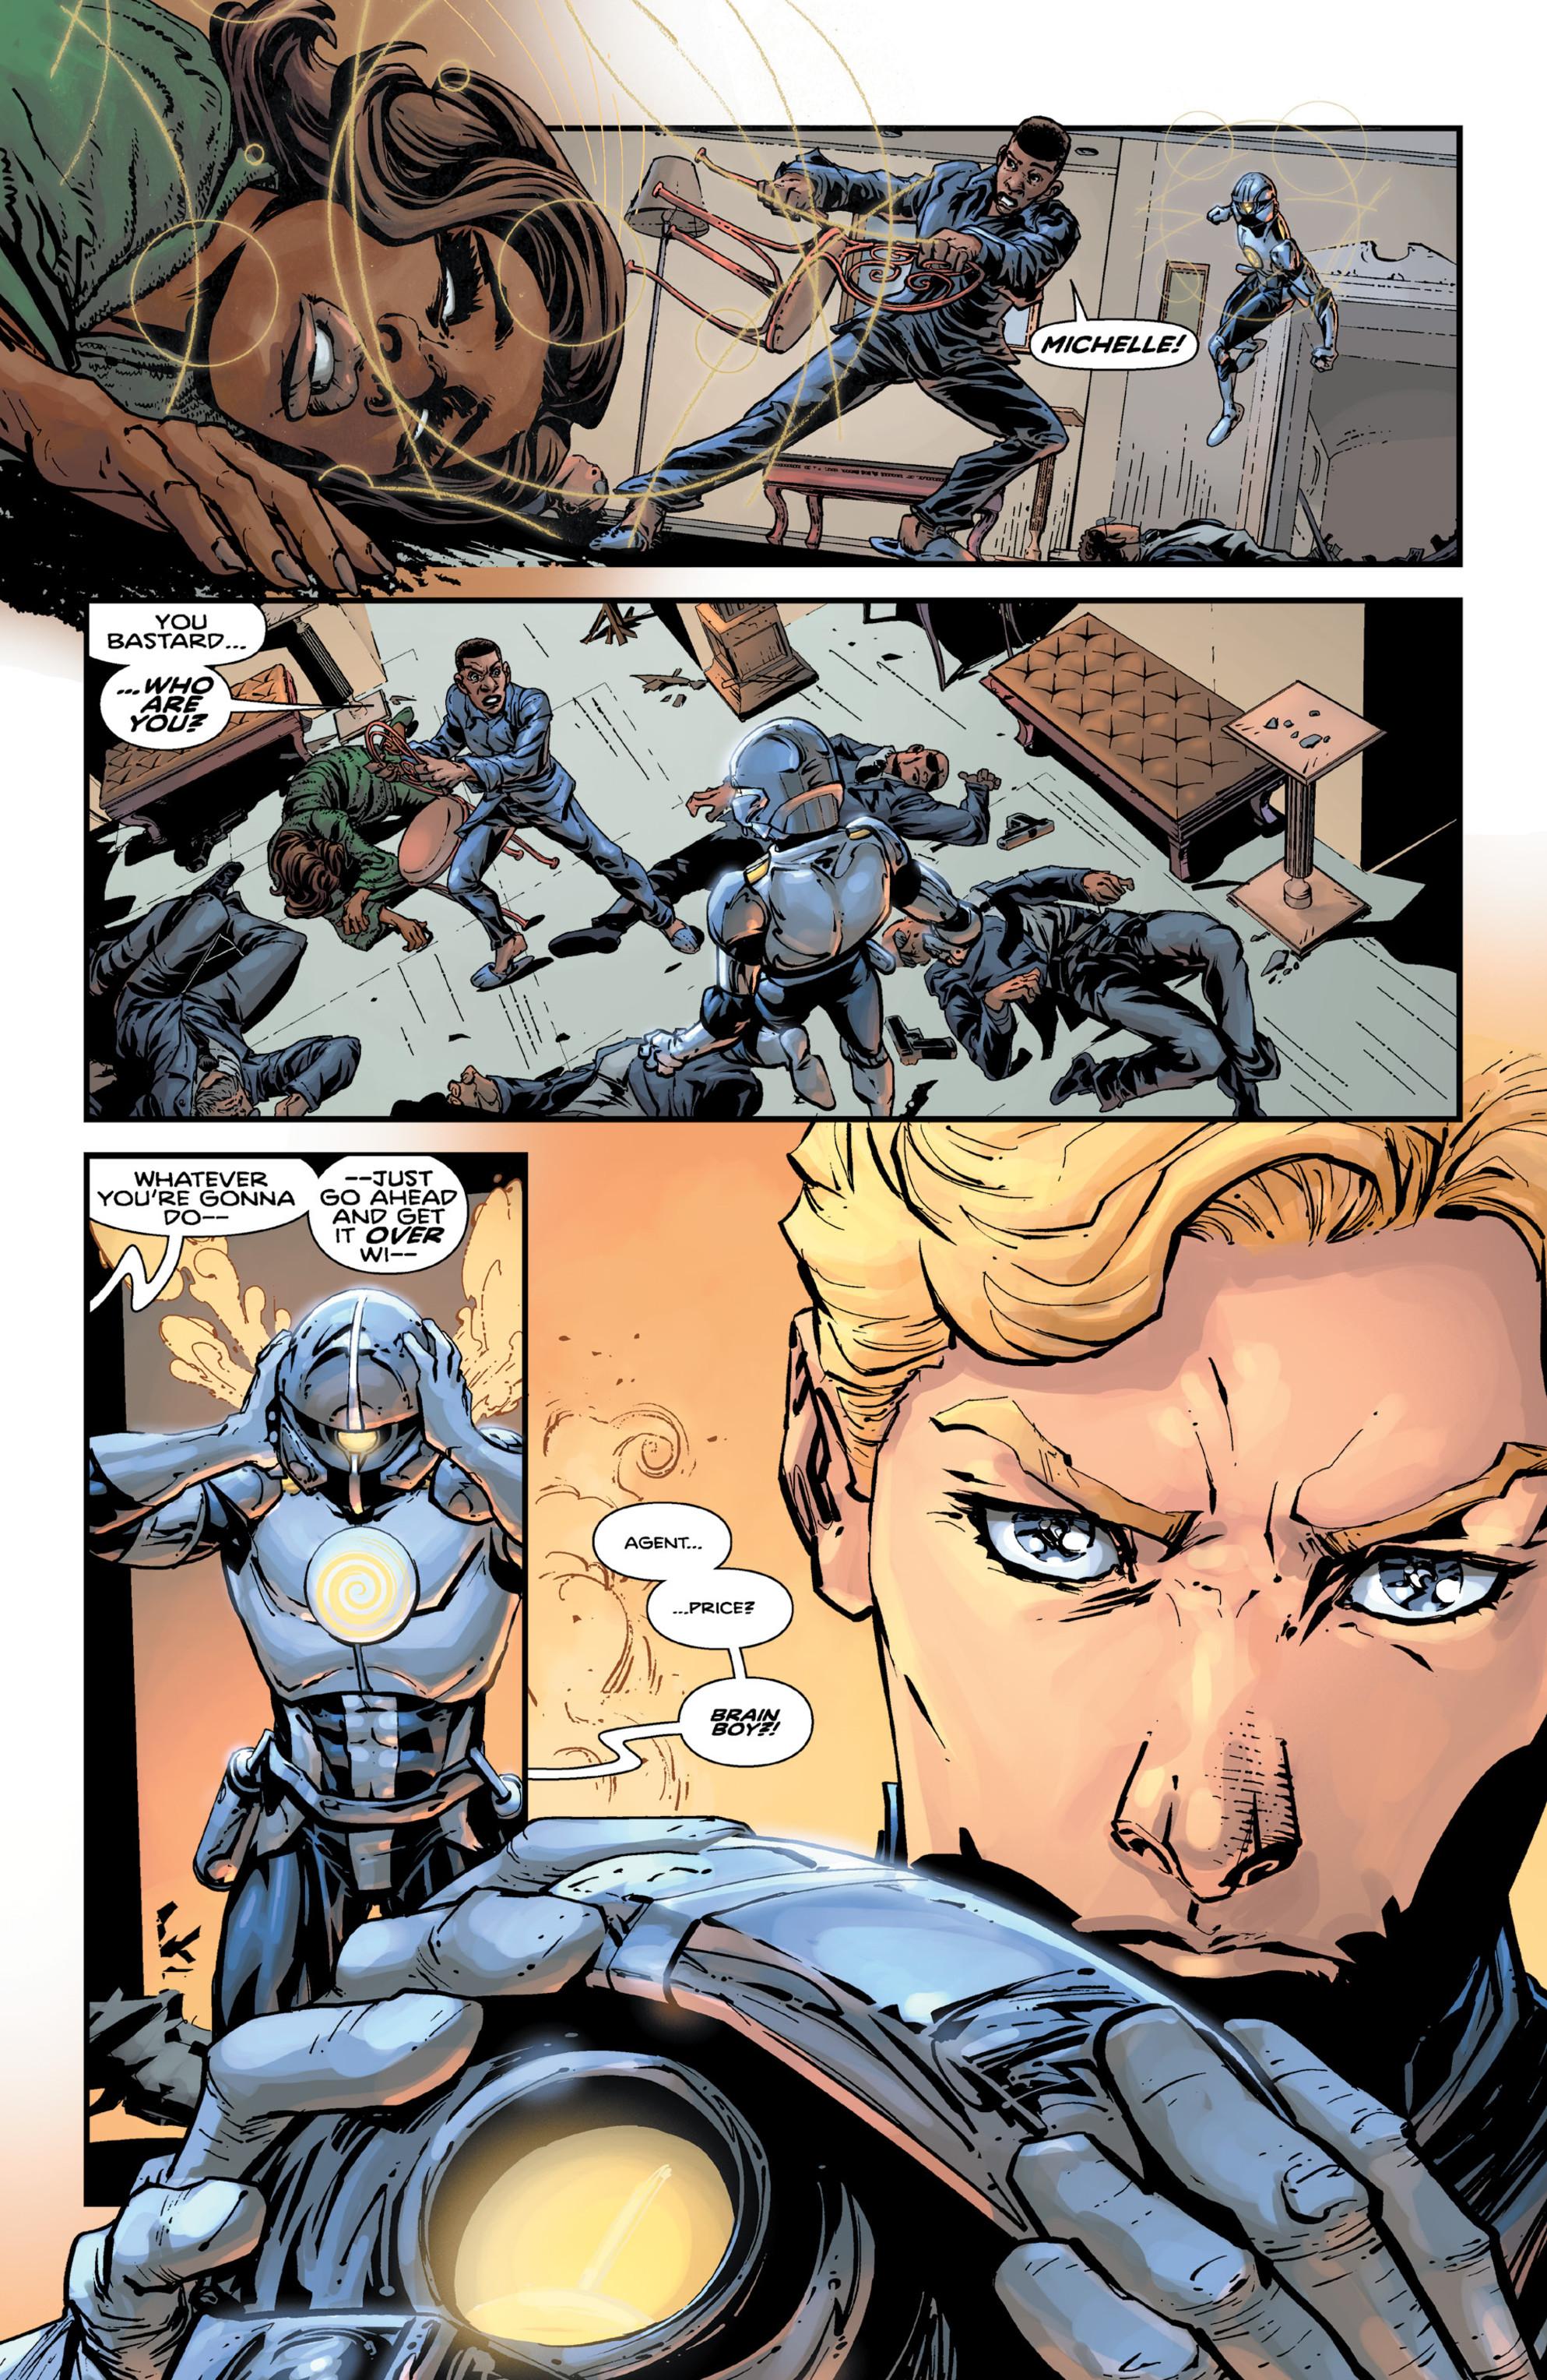 Read online Brain Boy:  The Men from G.E.S.T.A.L.T. comic -  Issue # TPB - 17